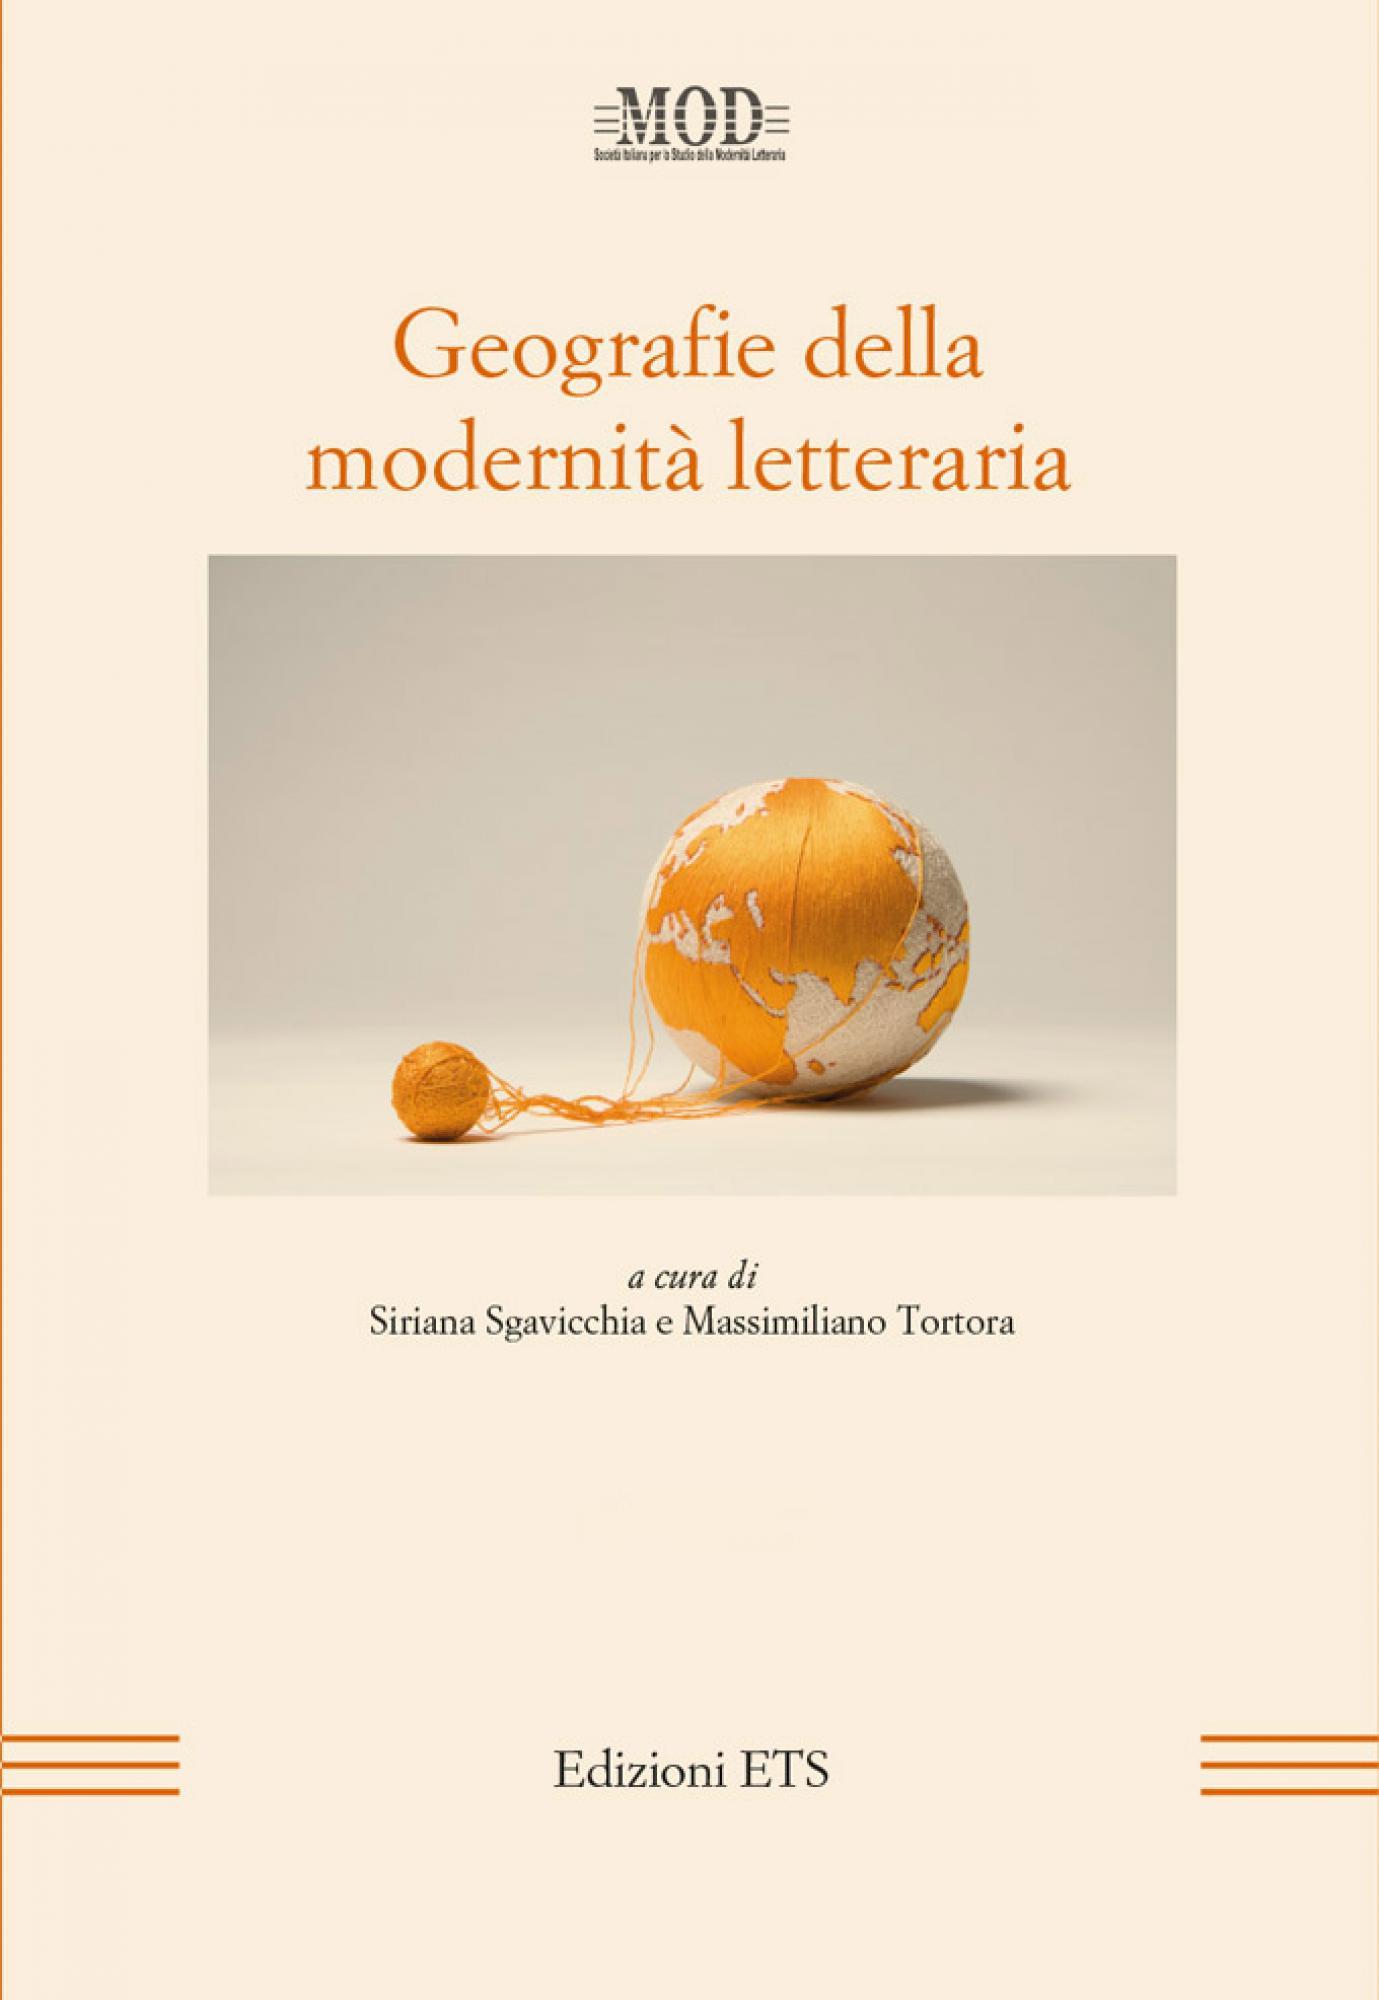 Geografie della modernità letteraria